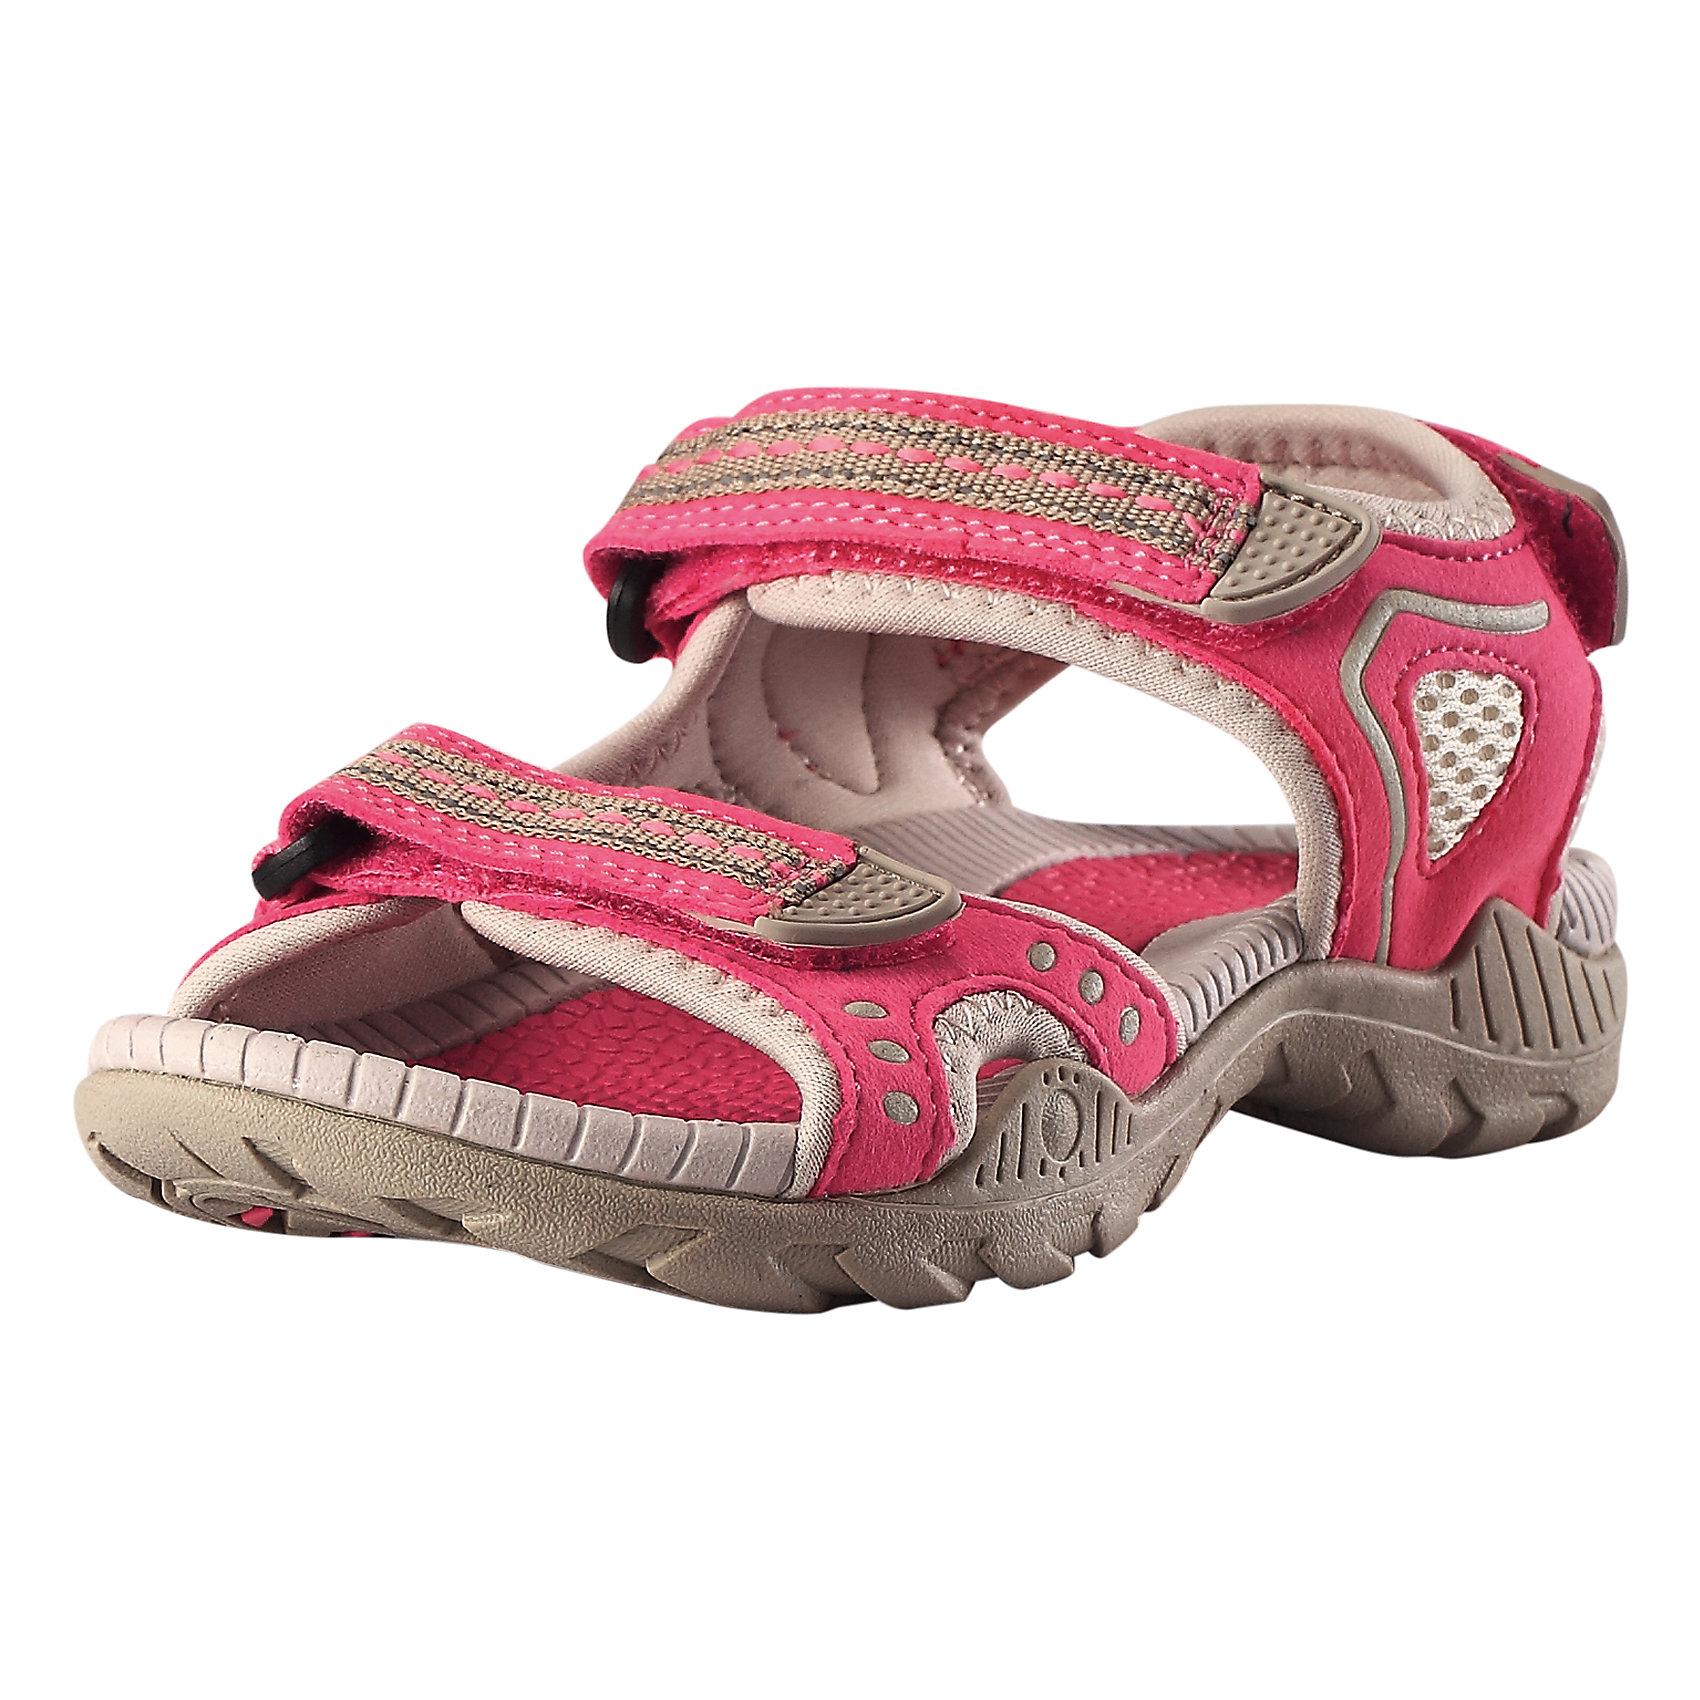 Сандалии Luft для девочки ReimaОбувь<br>Характеристики товара:<br><br>• цвет: розовый/бежевый<br>• состав: верх - ПЭ/ПУ, подошва - термопластичная резина<br>• застежка: три липучки<br>• быстросохнующий материал верха<br>• устойчивая легкая подошва ЭВА<br>• подкладка из лайкры<br>• хорошее сцепление с поверхностью<br>• объем регулируется застежками<br>• страна производства: Китай<br>• страна бренда: Финляндия<br>• коллекция: весна-лето 2017<br><br>Детская обувь может быть модной и комфортной одновременно! Удобные стильные сандалии помогут обеспечить ребенку комфорт и дополнить наряд. Они отлично смотрятся с различной одеждой. Сандалии удобно сидят на ноге и аккуратно смотрятся. Легко чистятся и долго служат. Продуманная конструкция разрабатывалась специально для детей.<br><br>Одежда и обувь от финского бренда Reima пользуется популярностью во многих странах. Эти изделия стильные, качественные и удобные. Для производства продукции используются только безопасные, проверенные материалы и фурнитура. Порадуйте ребенка модными и красивыми вещами от Reima! <br><br>Сандалии для мальчика от финского бренда Reima (Рейма) можно купить в нашем интернет-магазине.<br><br>Ширина мм: 219<br>Глубина мм: 154<br>Высота мм: 121<br>Вес г: 343<br>Цвет: розовый<br>Возраст от месяцев: 156<br>Возраст до месяцев: 168<br>Пол: Женский<br>Возраст: Детский<br>Размер: 37,30,34,31,32,29,33,35,36,28,38<br>SKU: 5267057